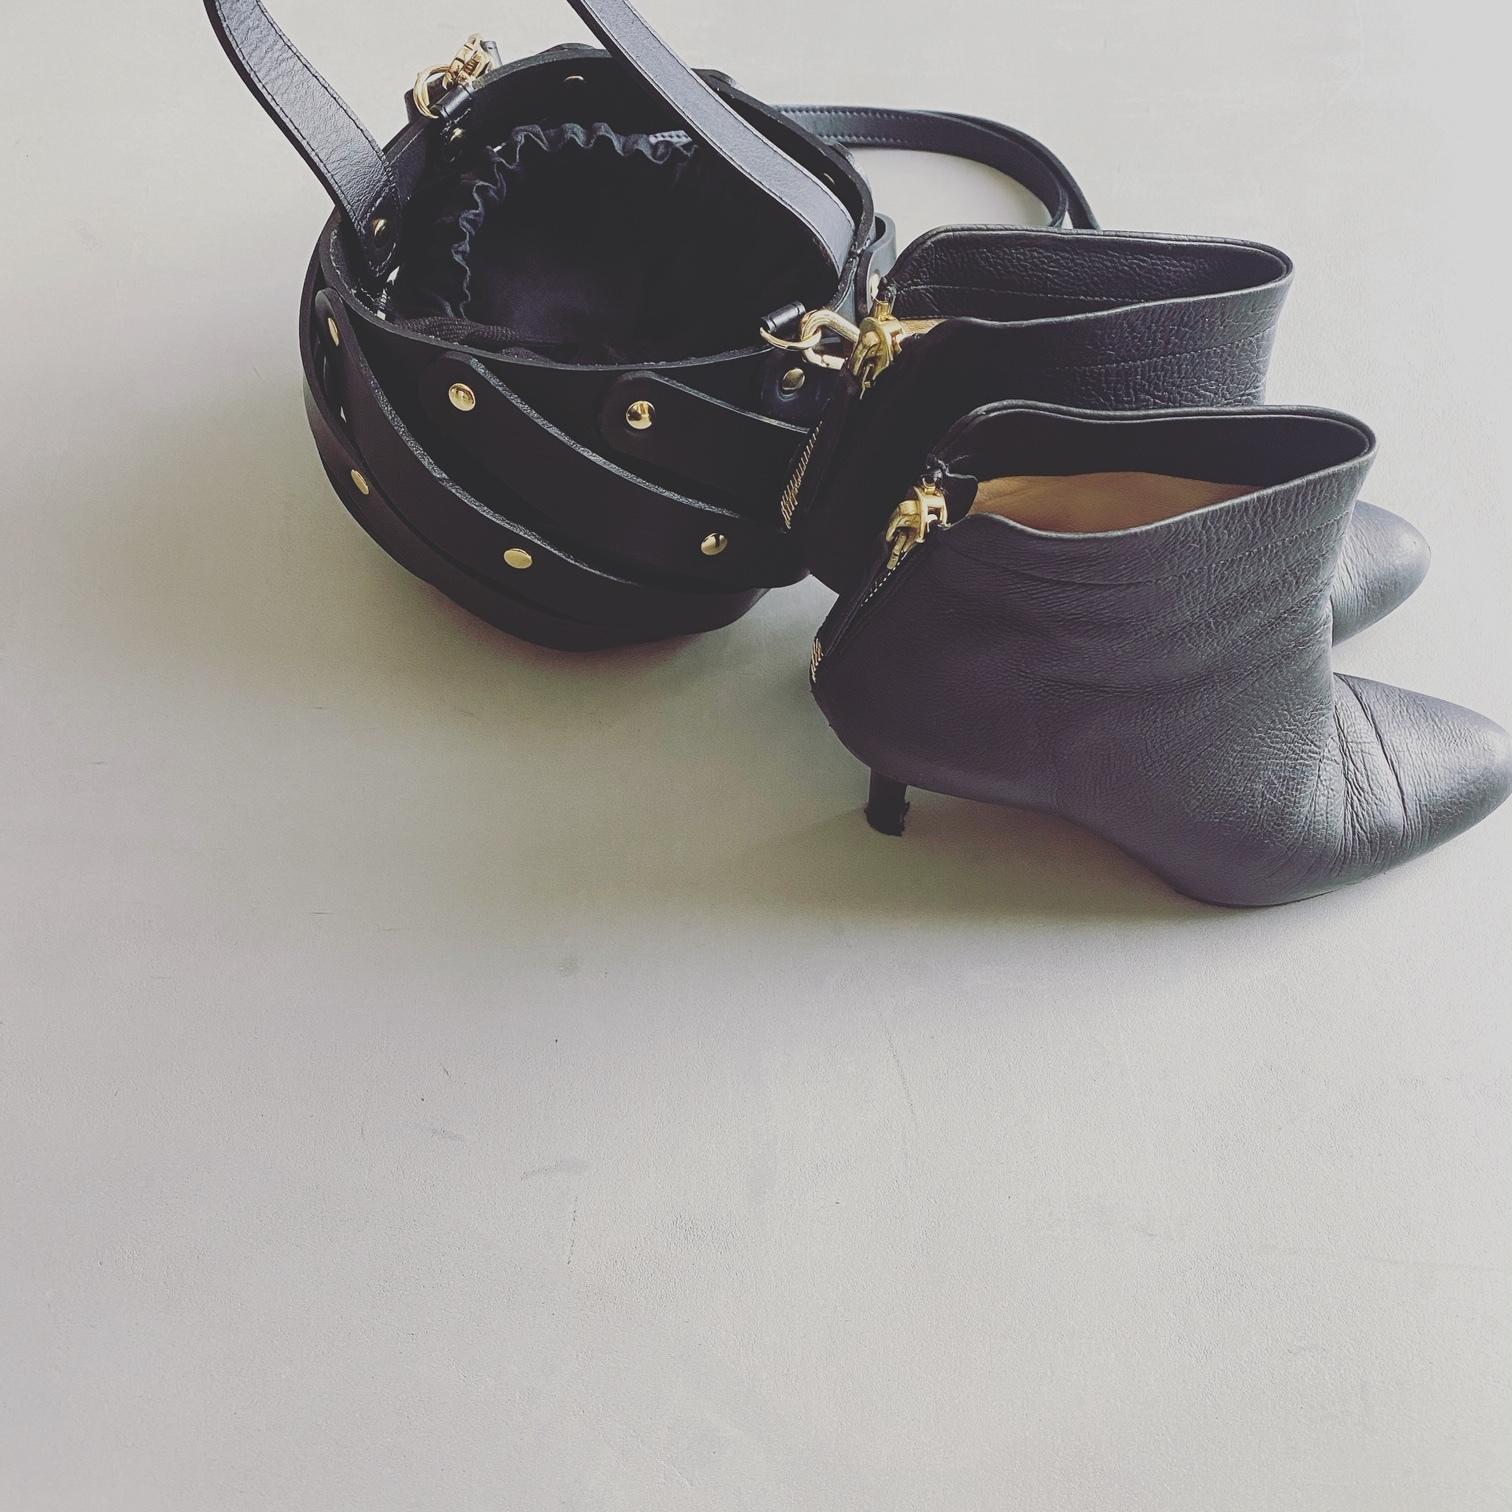 【2020年秋の小物トレンド】コーデの鮮度をUPする靴とバッグ、顔周りに華を添えるアクセを総まとめ!_1_9